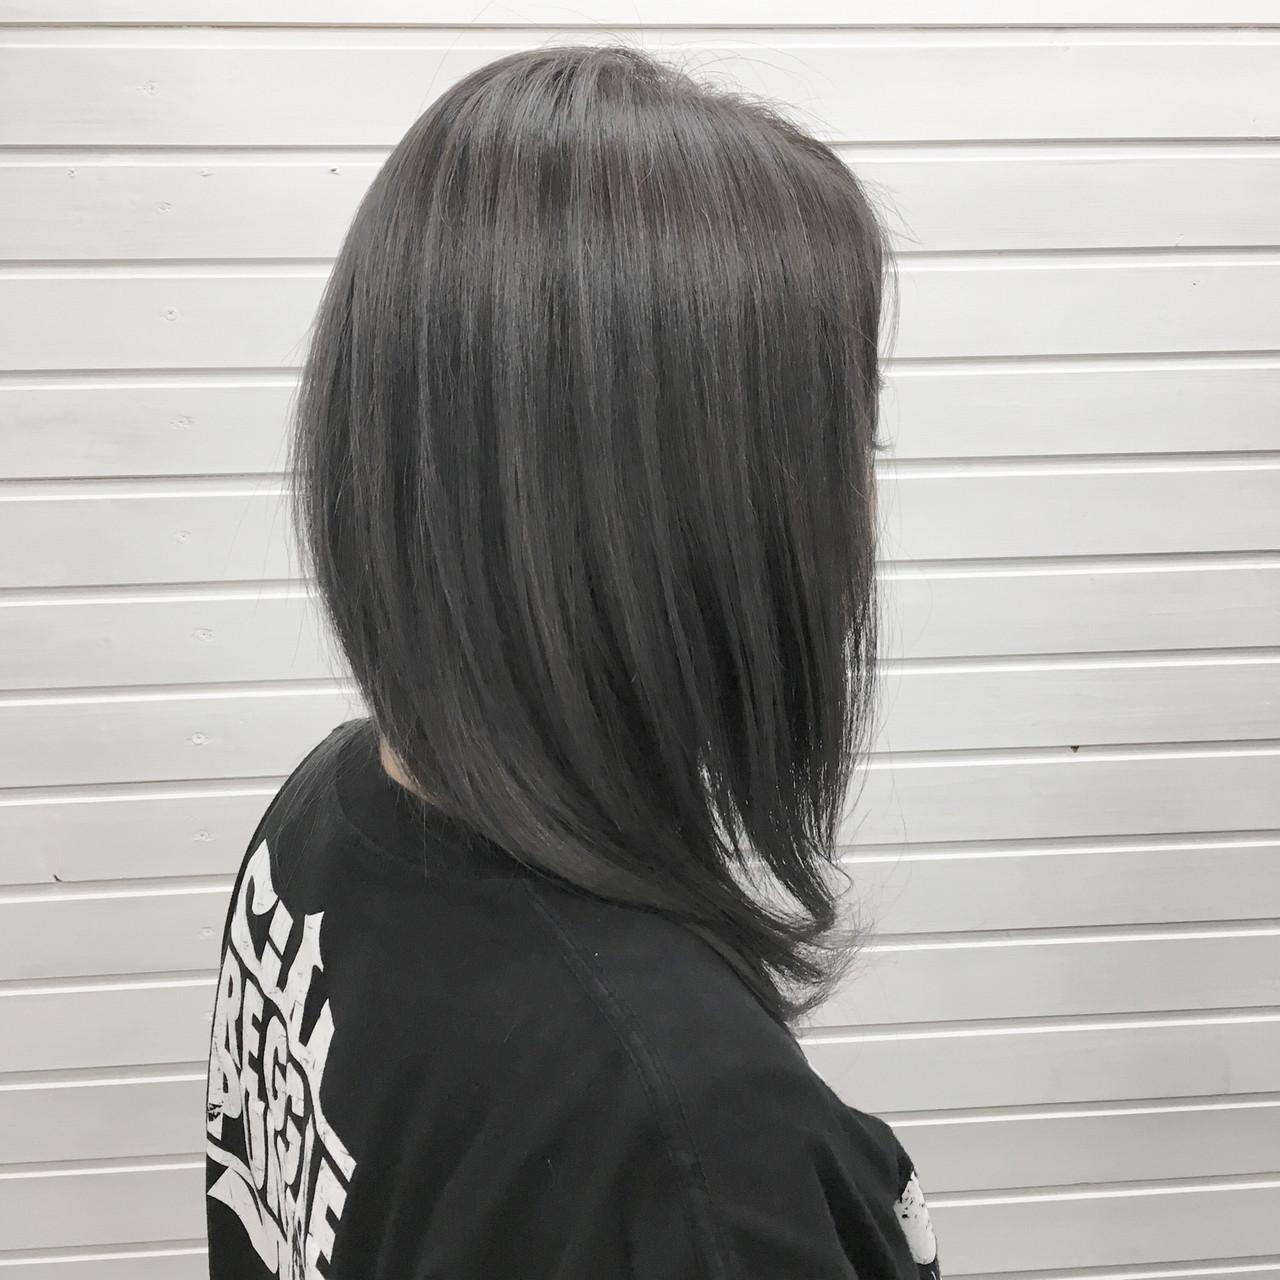 ストリート セミロング ブルーラベンダー ブルーアッシュ ヘアスタイルや髪型の写真・画像